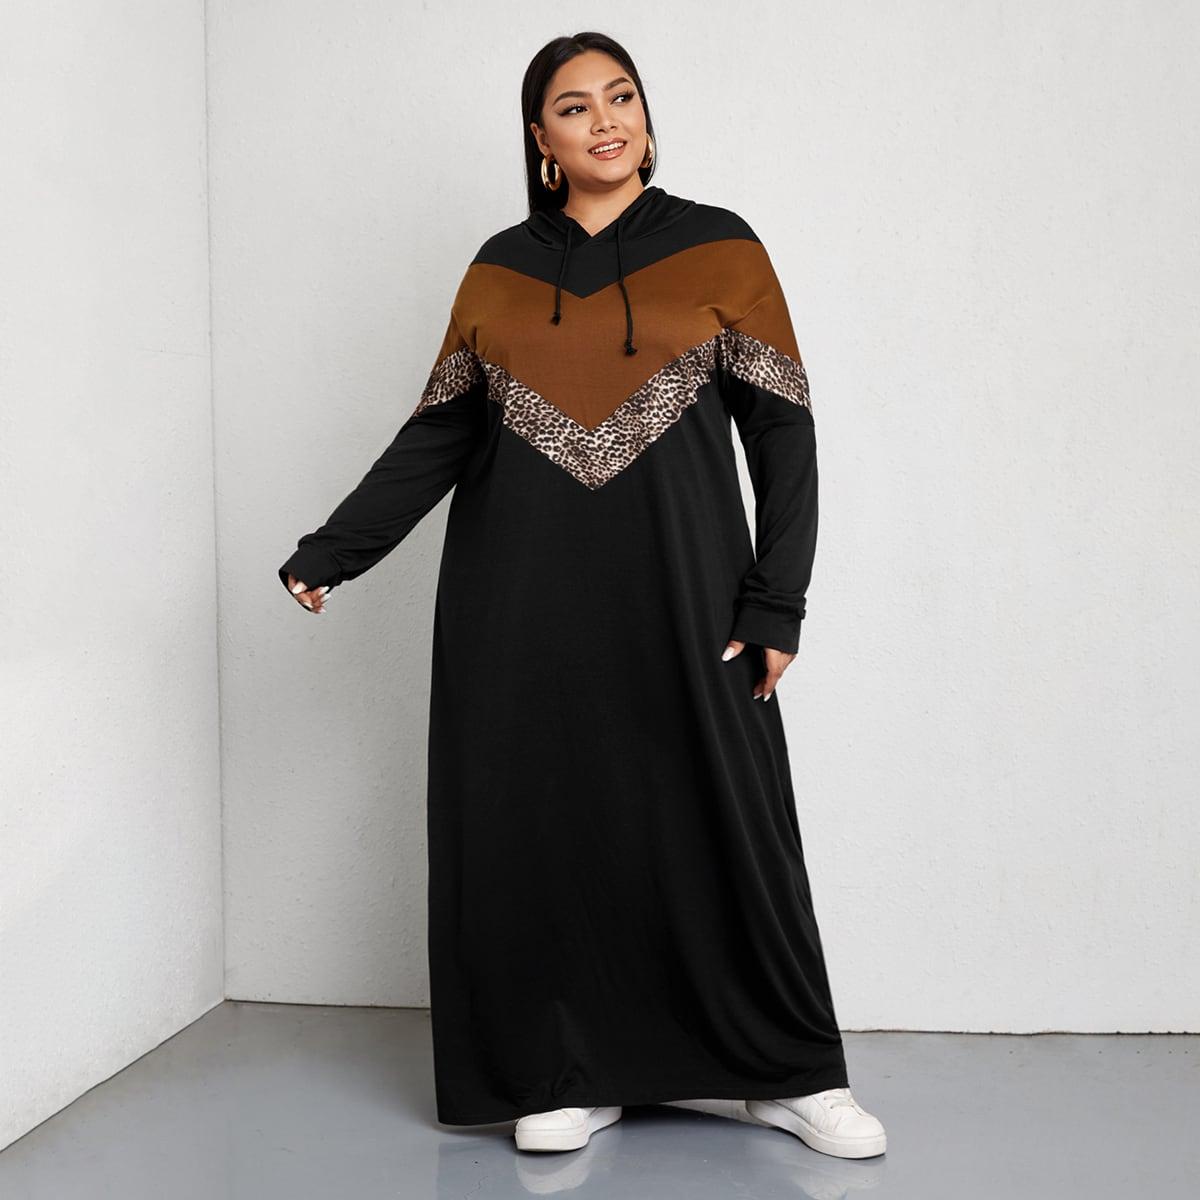 Платье размера пюс с капюшоном и оригинальнымпринтом на кулиске